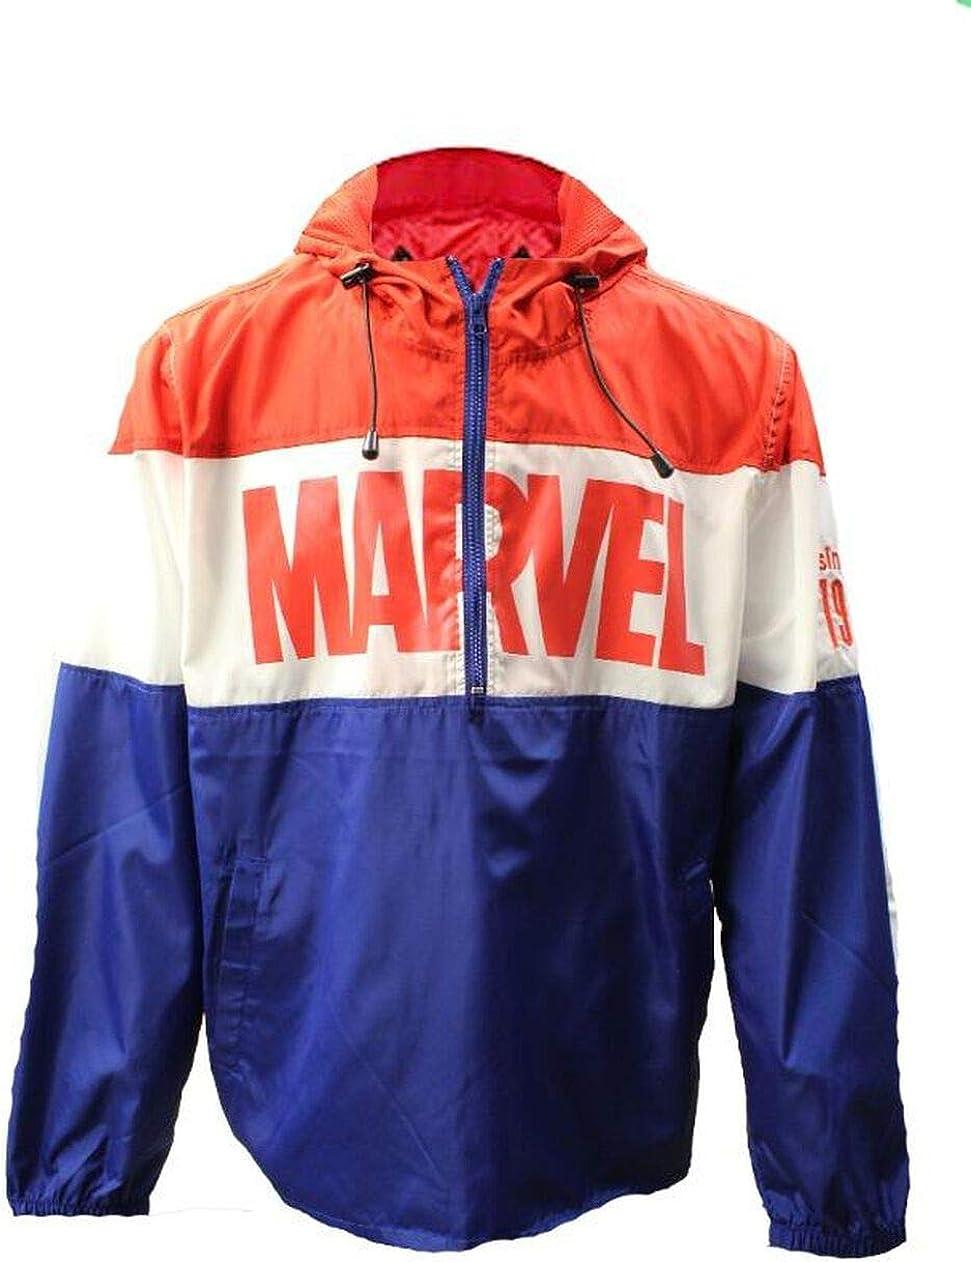 Marvel Windbreaker 1939 Lightweight Jacket Hood Hoodie Retro Vintage Mens Adult